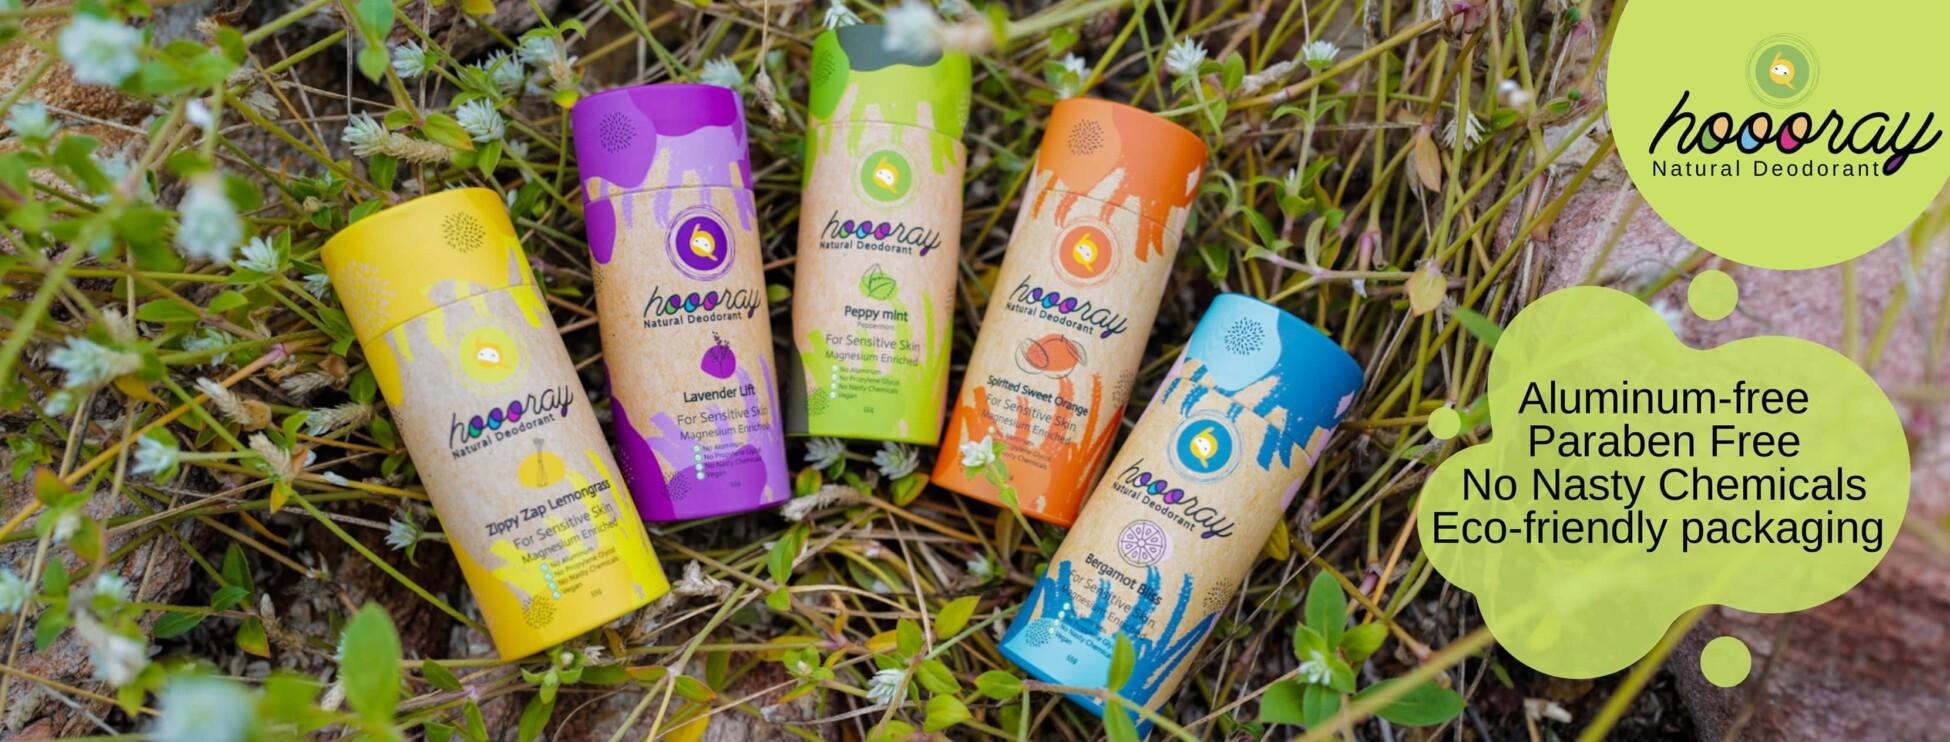 Hoooray Natural Deodorant • 602f3cca8b389 bp cover image